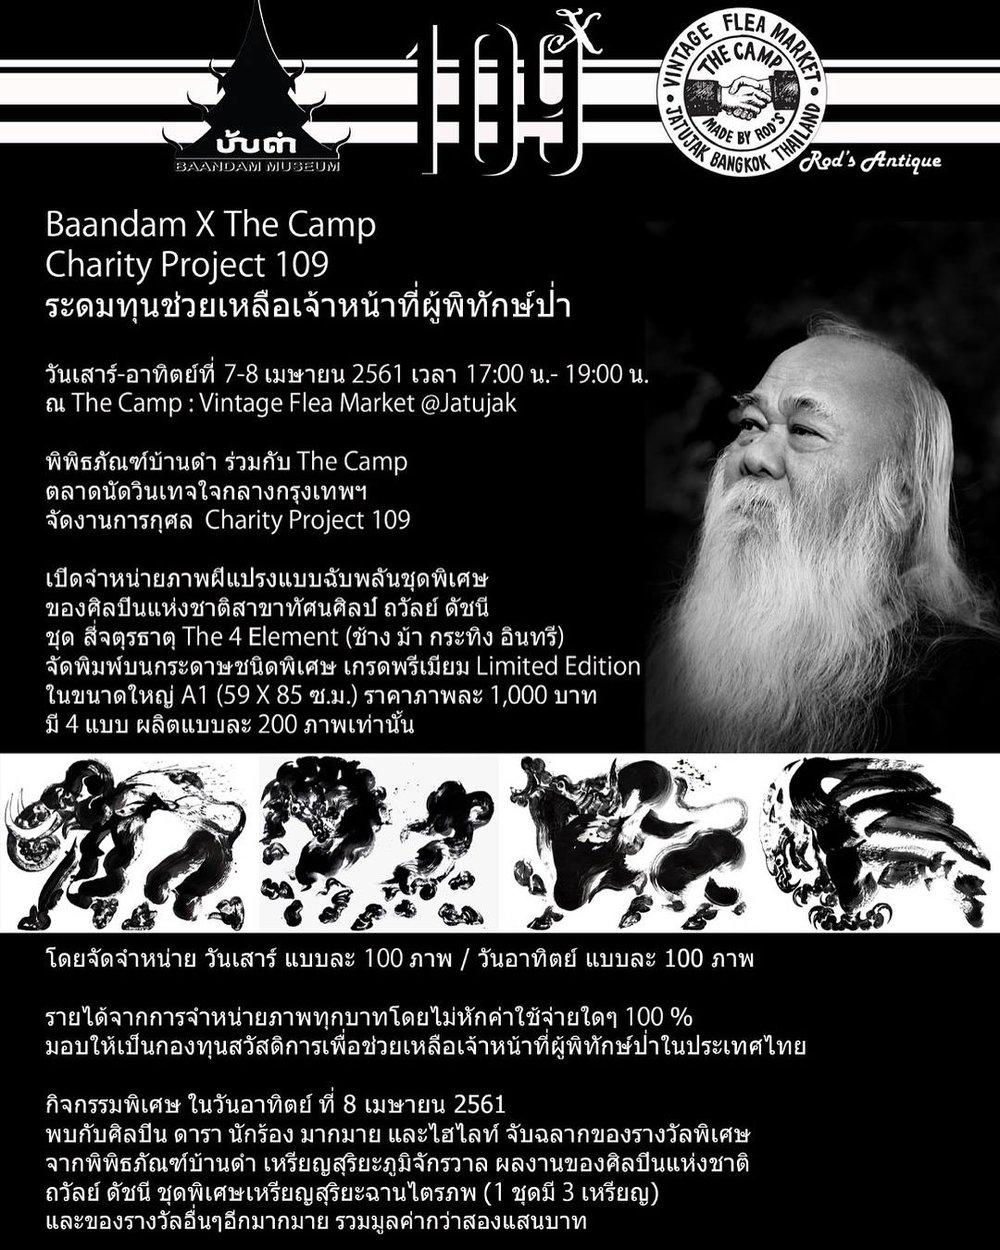 Baandam X The Camp